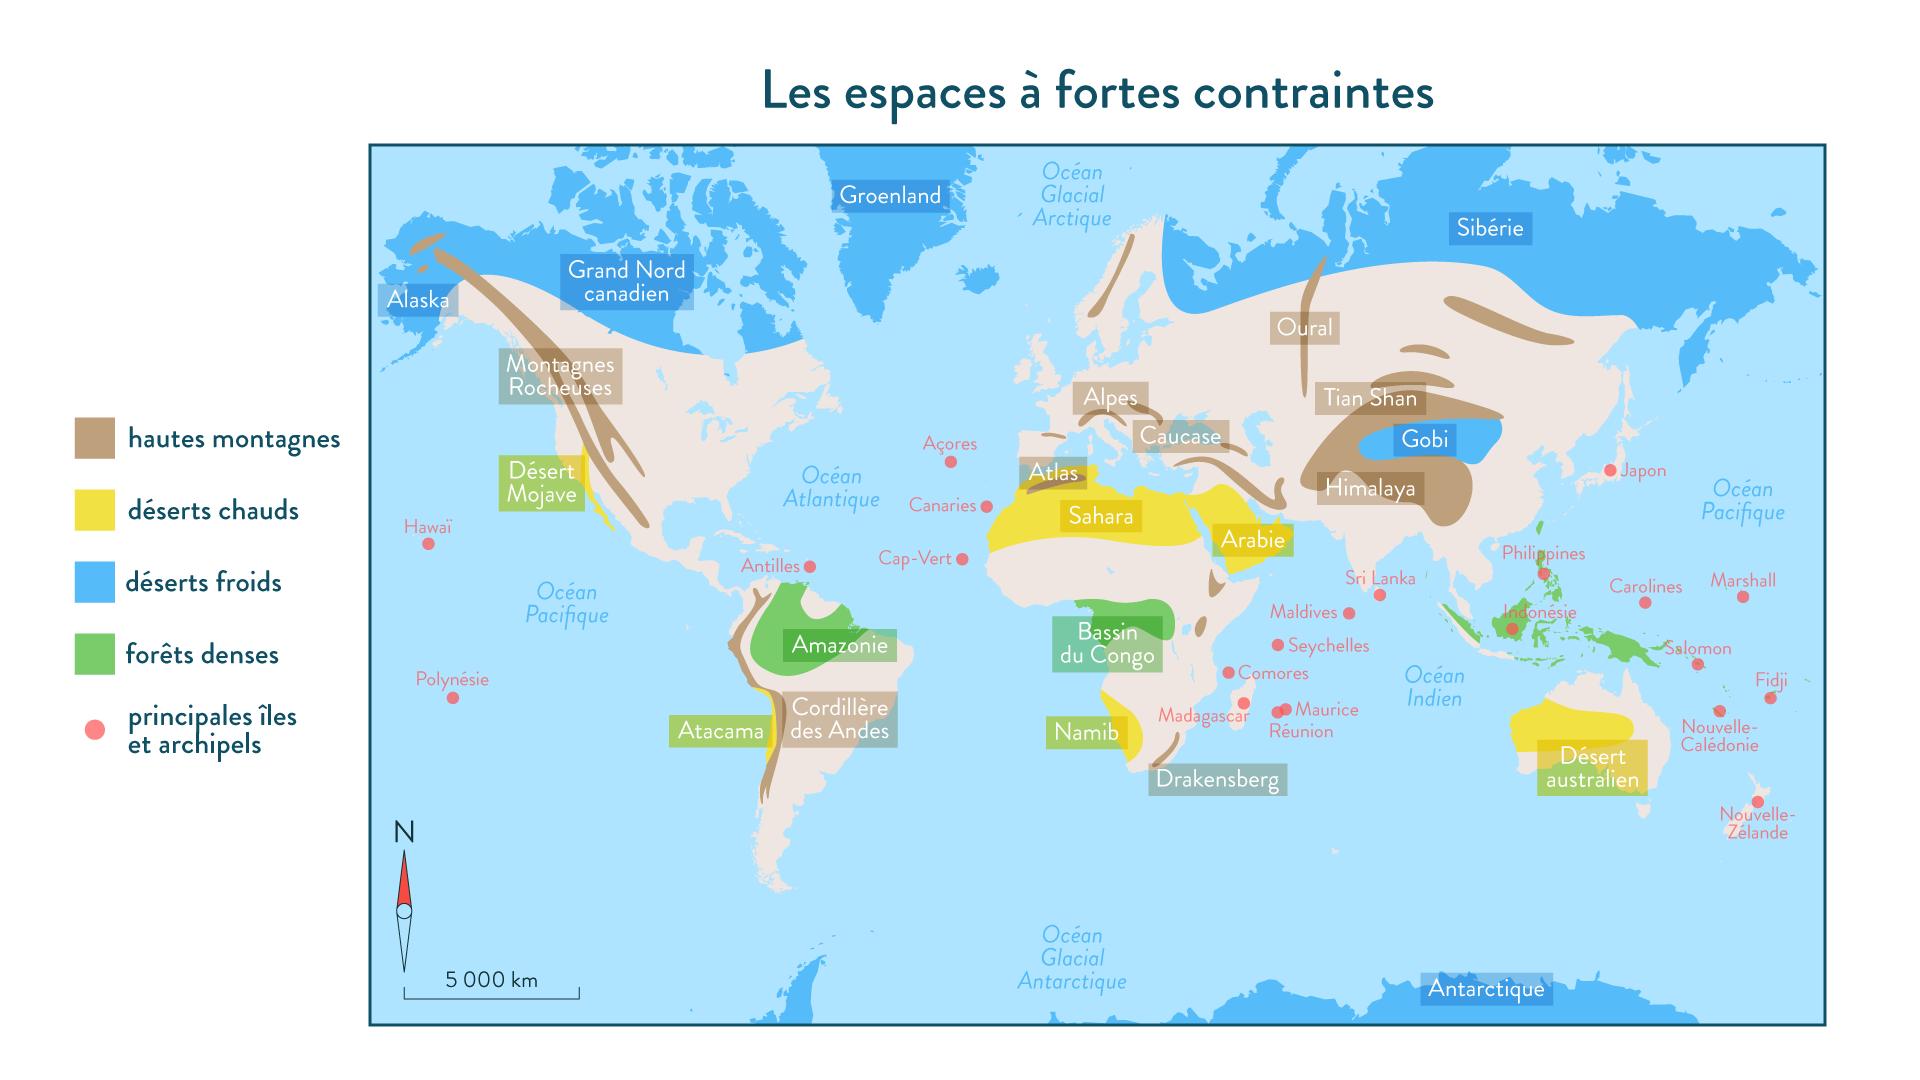 6e-géographie-SchoolMouv- Les espaces à fortes contraintes